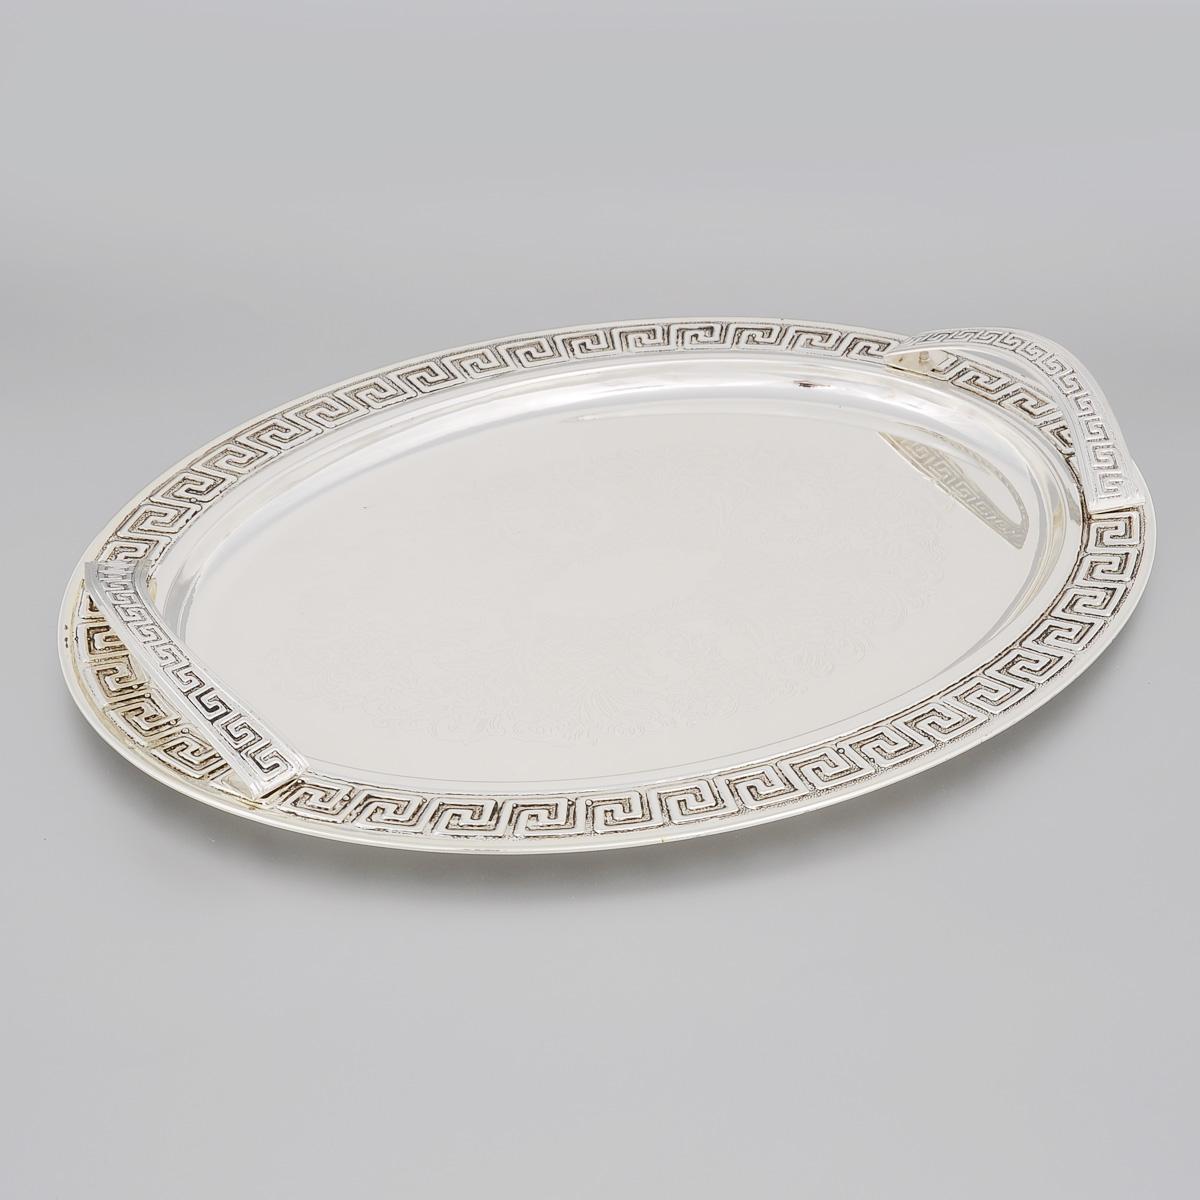 Поднос Marquis Versace, овальный, 40 х 29 см115510Поднос Marquis Versace овальной формы выполнен из стали с серебряно-никелевым покрытием. Поднос имеет зеркальную поверхность и оформлен по краям оригинальным орнаментом. Он отлично подойдет для красивой сервировки различных блюд, закусок и фруктов на праздничном столе. Благодаря двум ручкам поднос с легкостью можно переносить с места на место. Изящный дизайн придется по вкусу и ценителям классики, и тем, кто предпочитает утонченность и изысканность. Поднос Marquis Versace станет отличным подарком на любой праздник. Размер подноса: 40 см х 29 см.